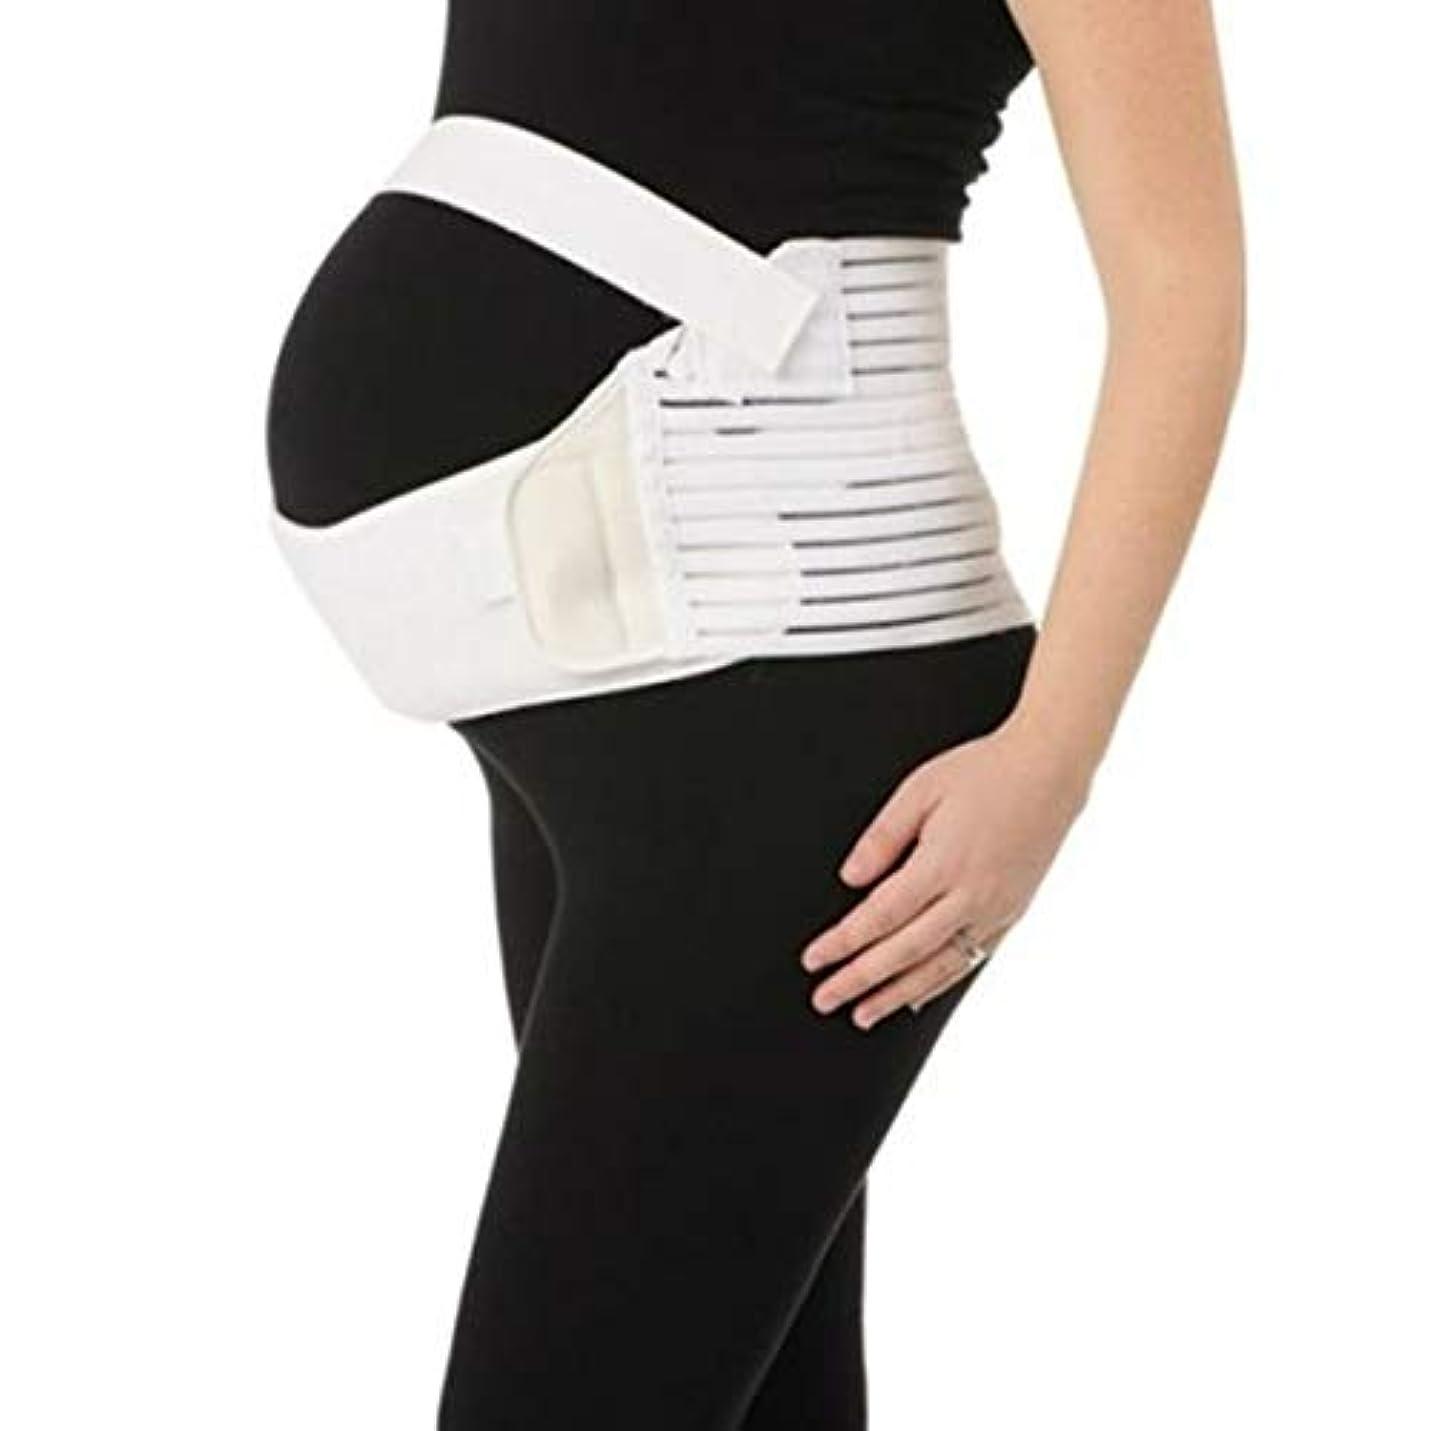 価格シャープ見積り通気性産科ベルト妊娠腹部サポート腹部バインダーガードル運動包帯産後の回復形状ウェア - ホワイトM